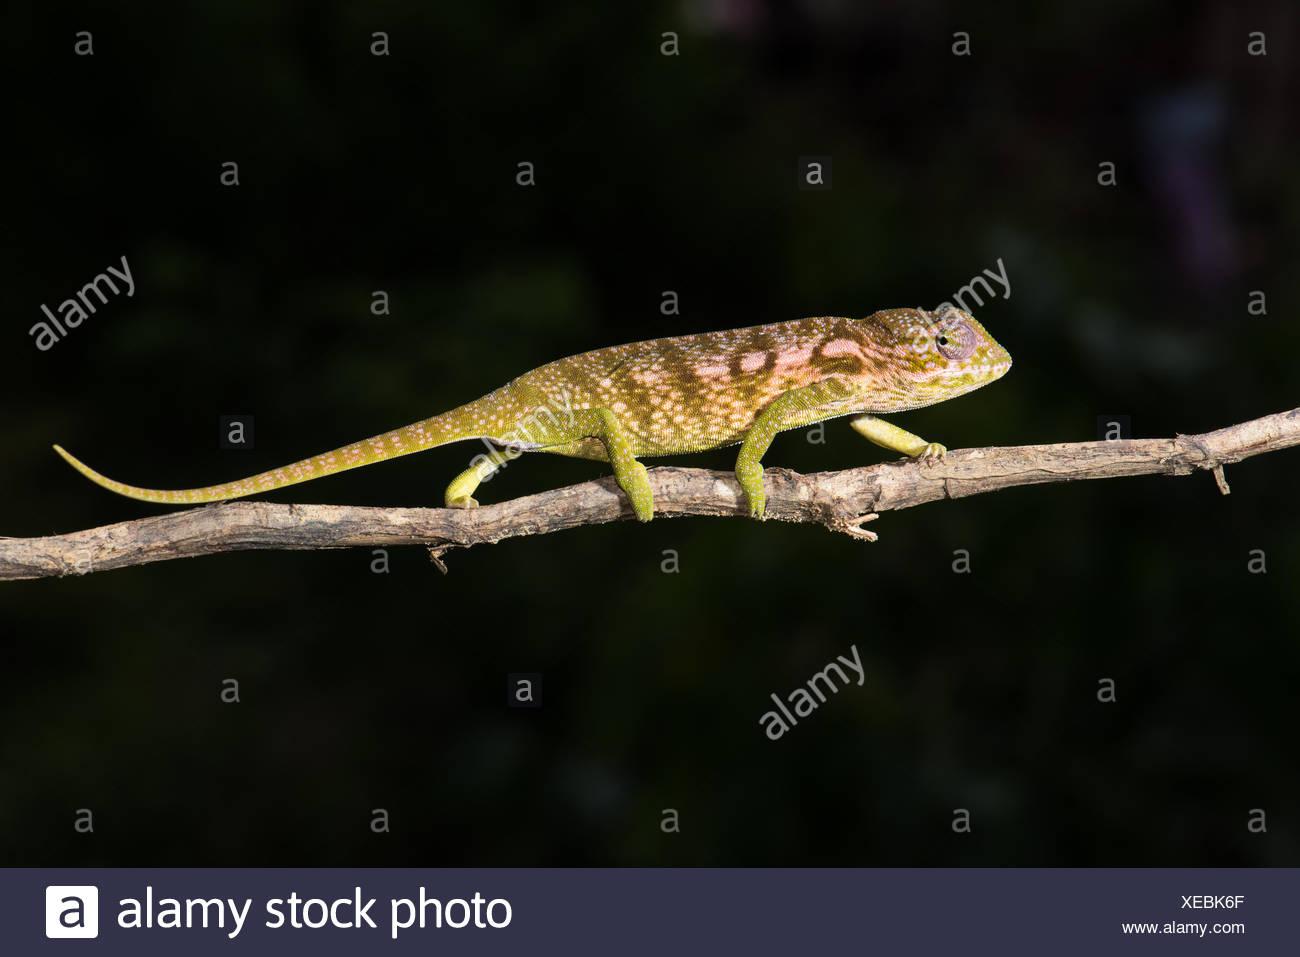 Jewel chameleon (Furcifer lateralis), female, Ankaramibe, Boeny, Madagascar - Stock Image